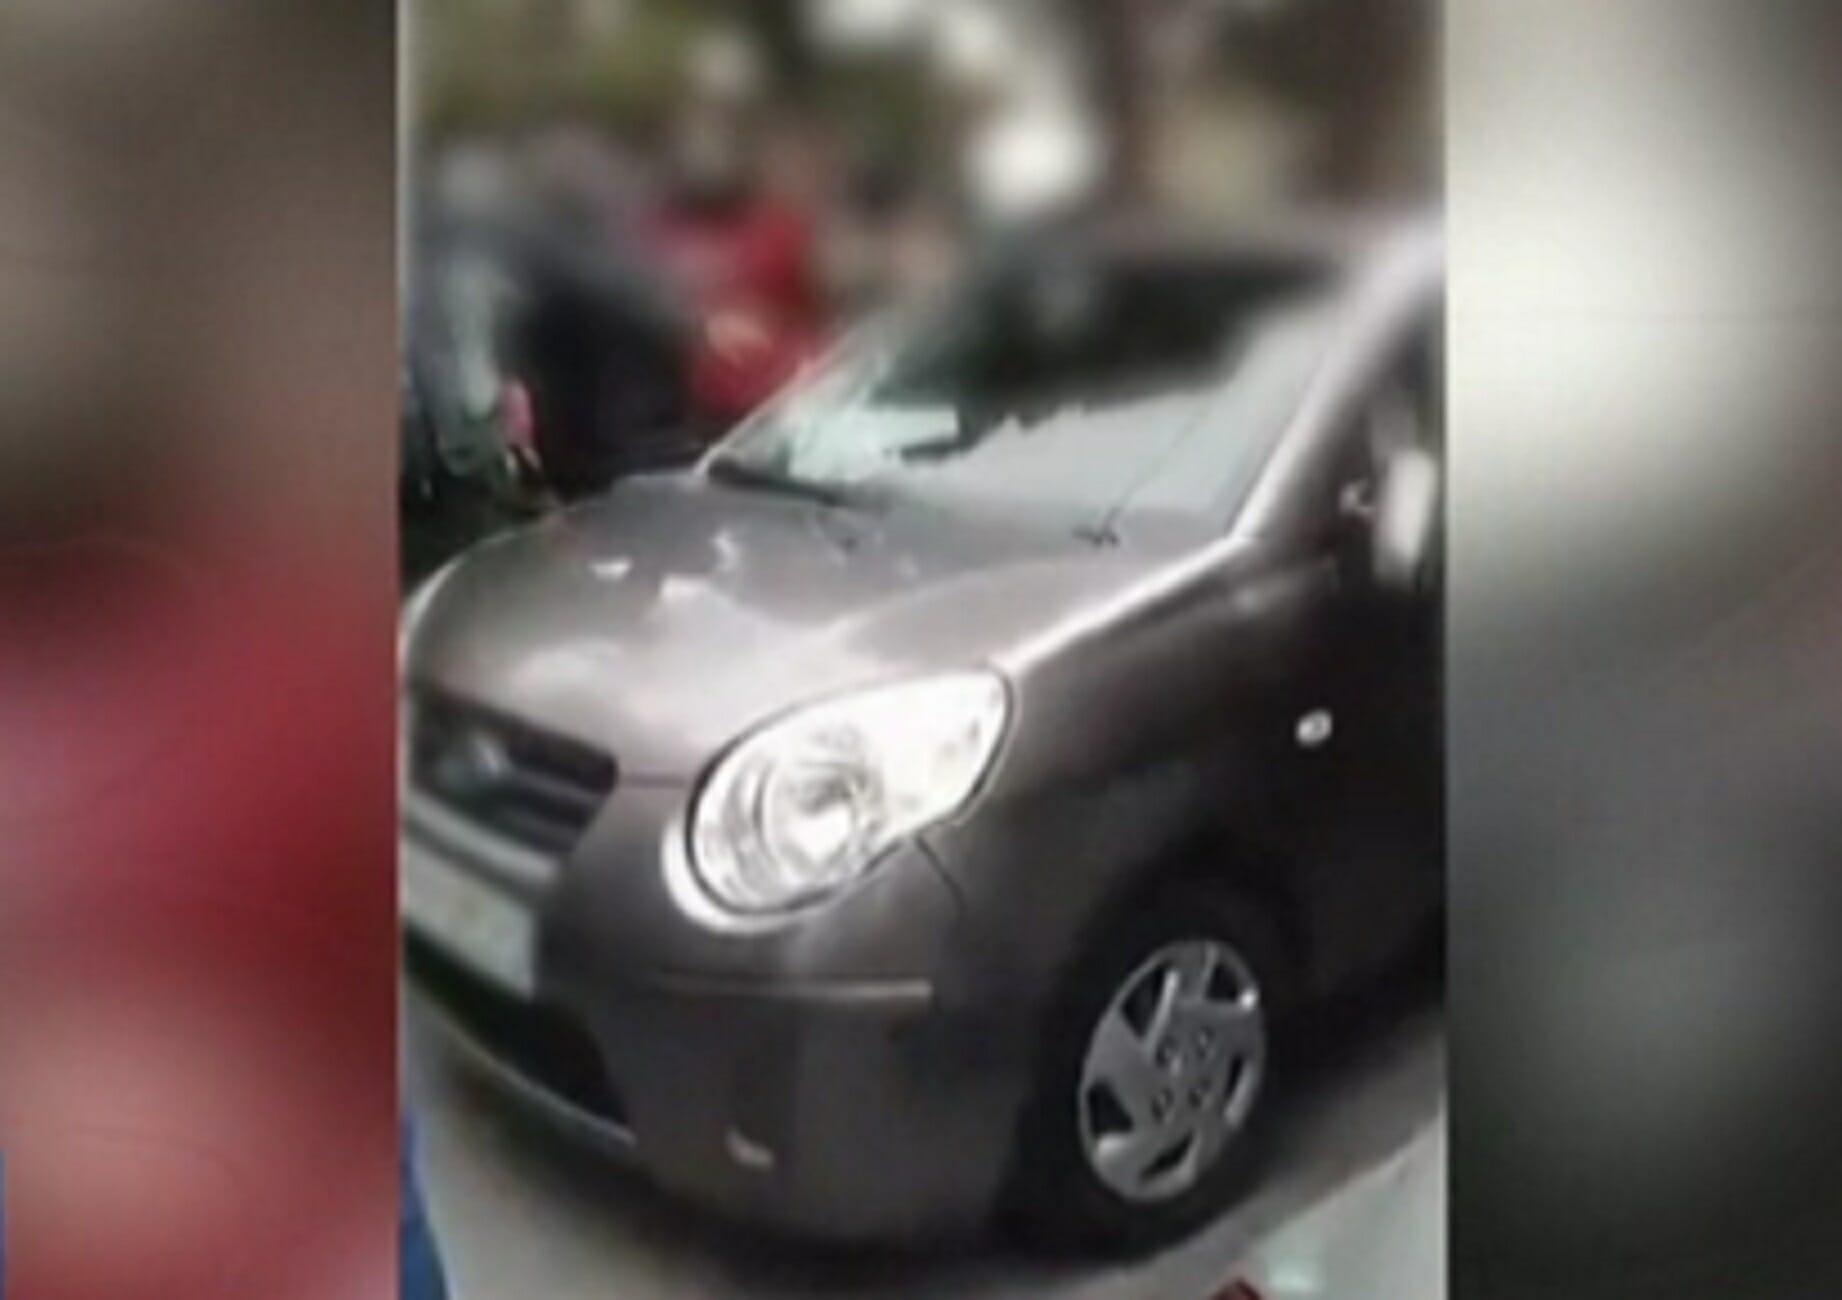 Μυτιλήνη: Η στιγμή της άγριας επίθεσης σε μέλη ΜΚΟ! Κλωτσιές, ύβρεις και ένα αυτοκίνητο γυαλιά καρφιά (Βίντεο)